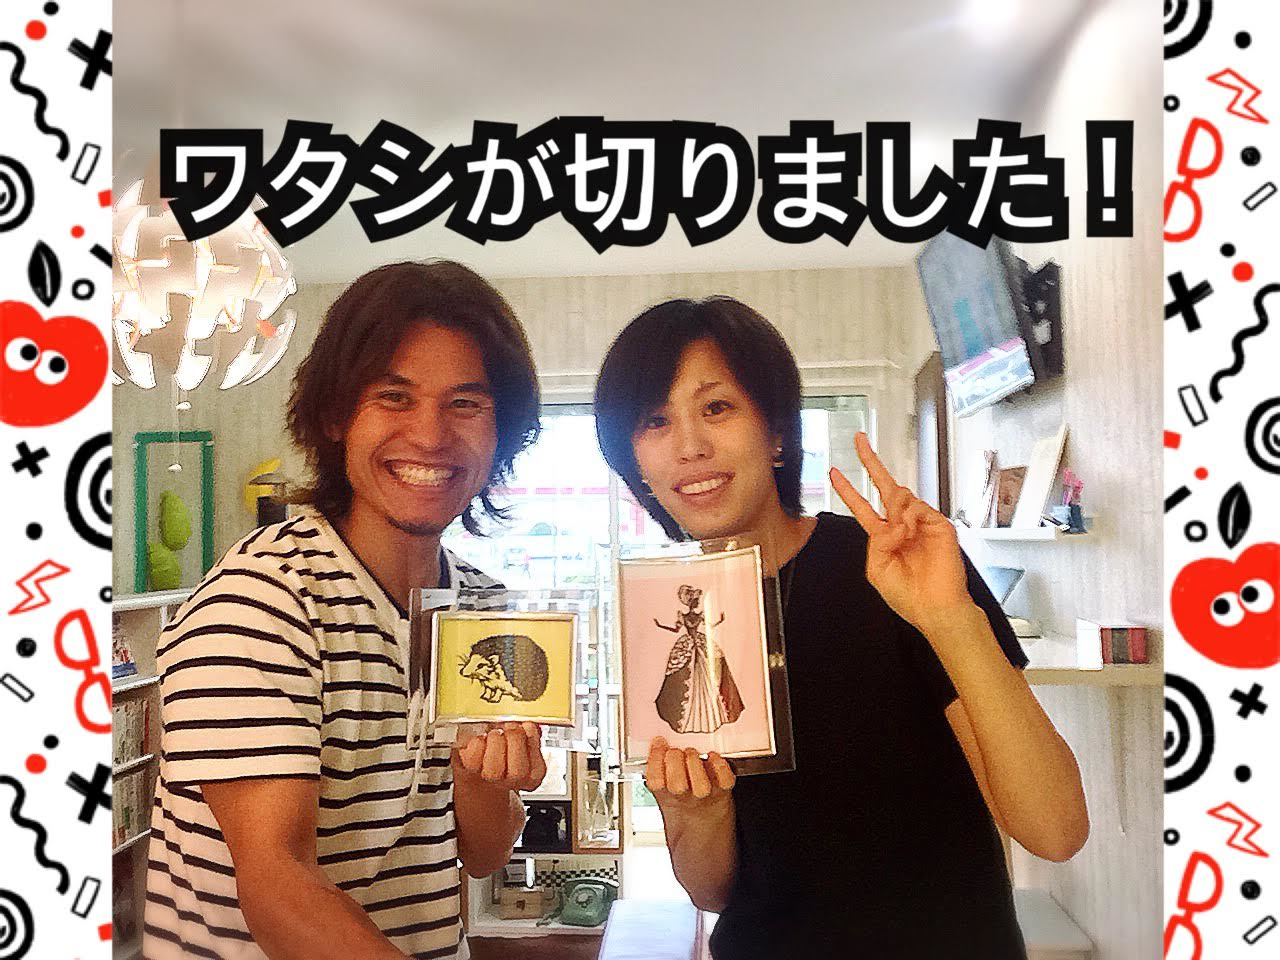 9月4日辻井さんとツーショット2